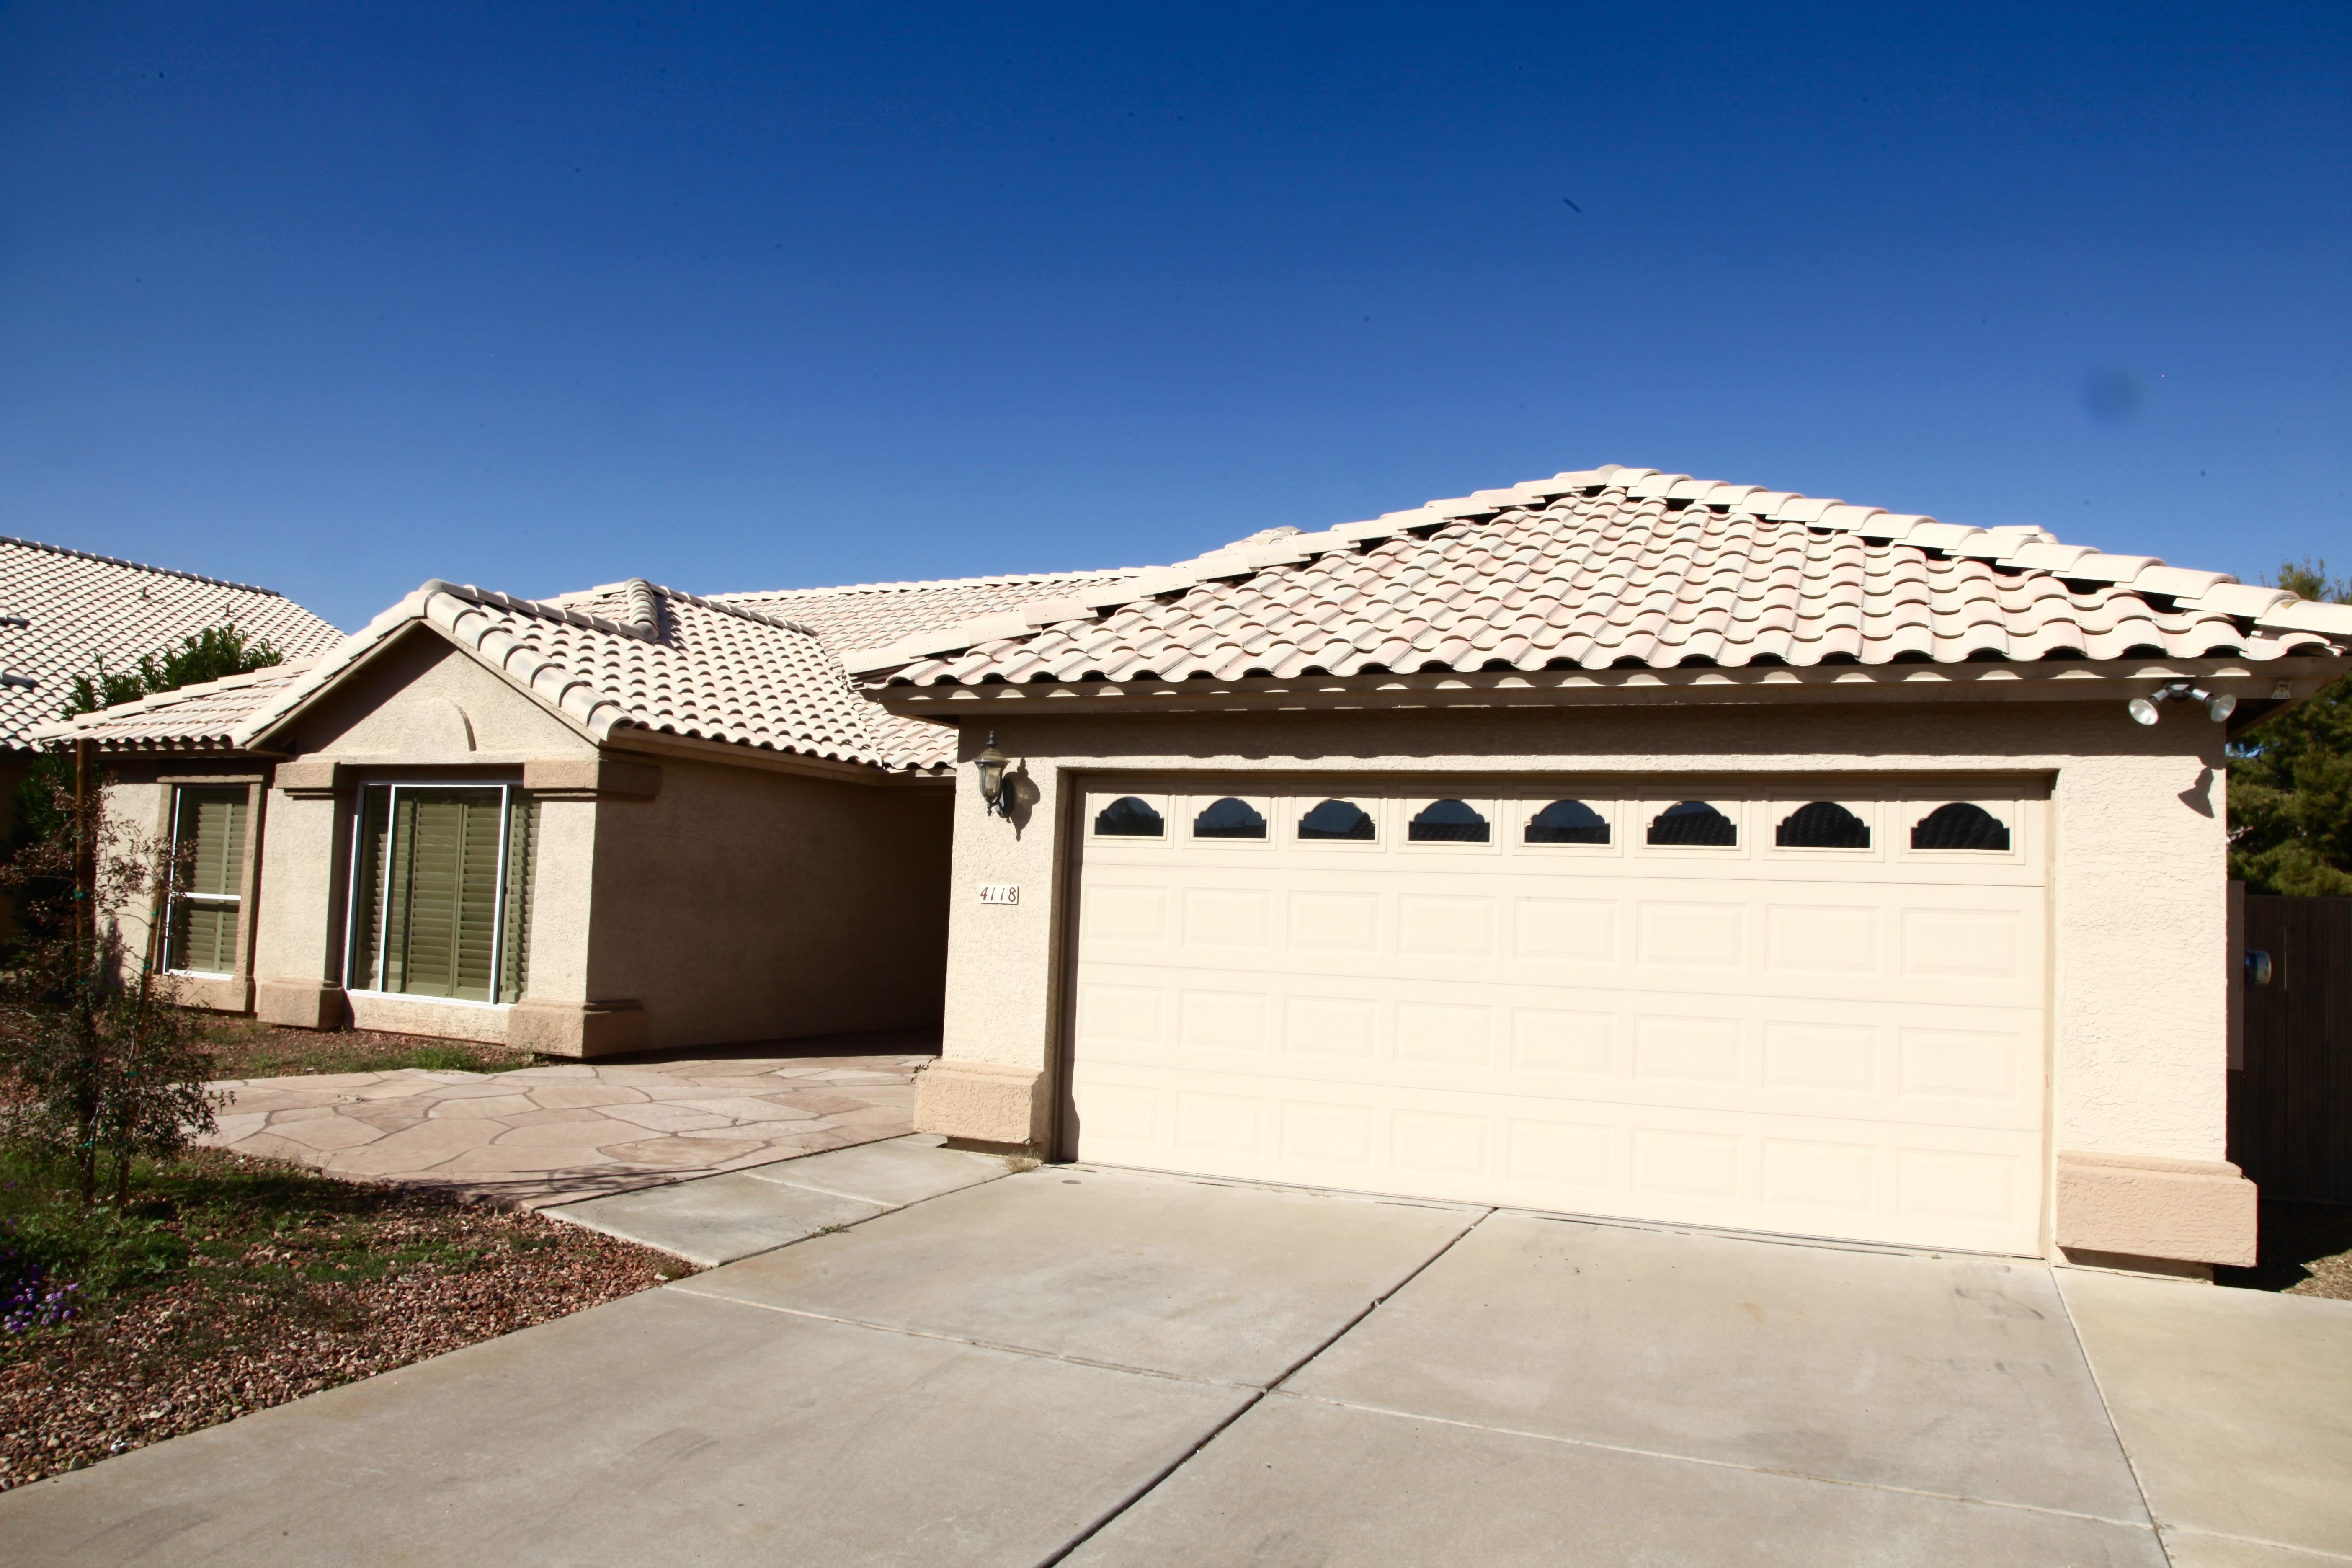 4118 W Park View Ln Glendale, AZ 85310